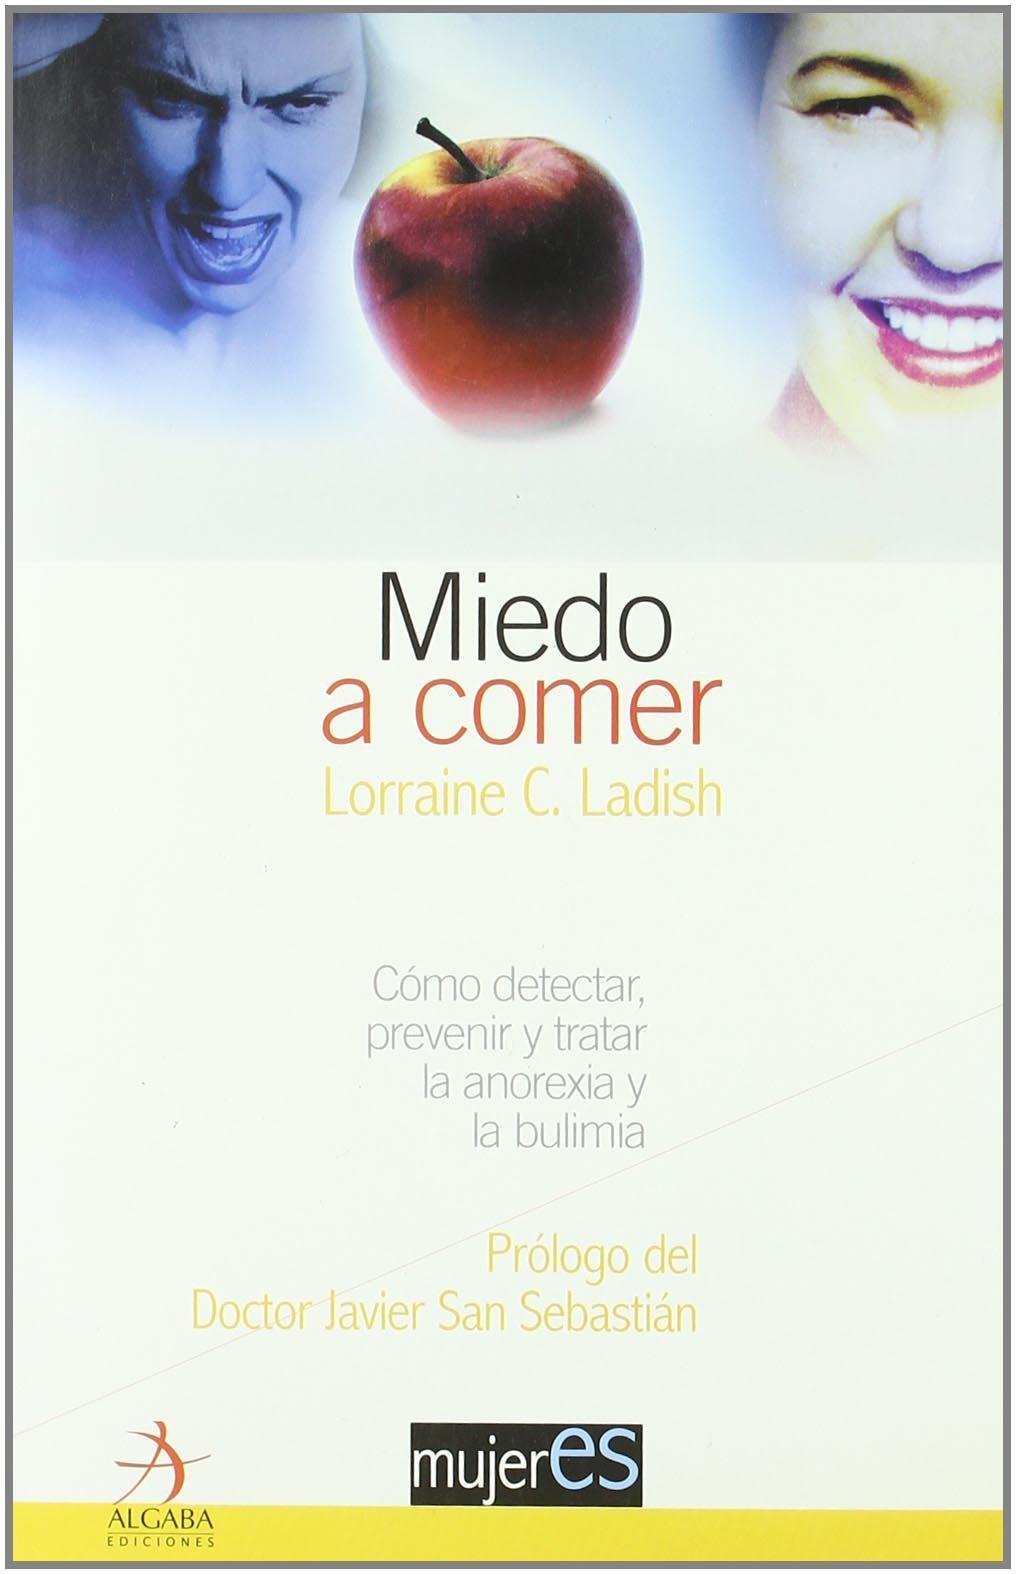 Miedo A Comer (Mujeres): Amazon.es: Lorraine C. Ladish, Dr. Javier San Sebastián: Libros